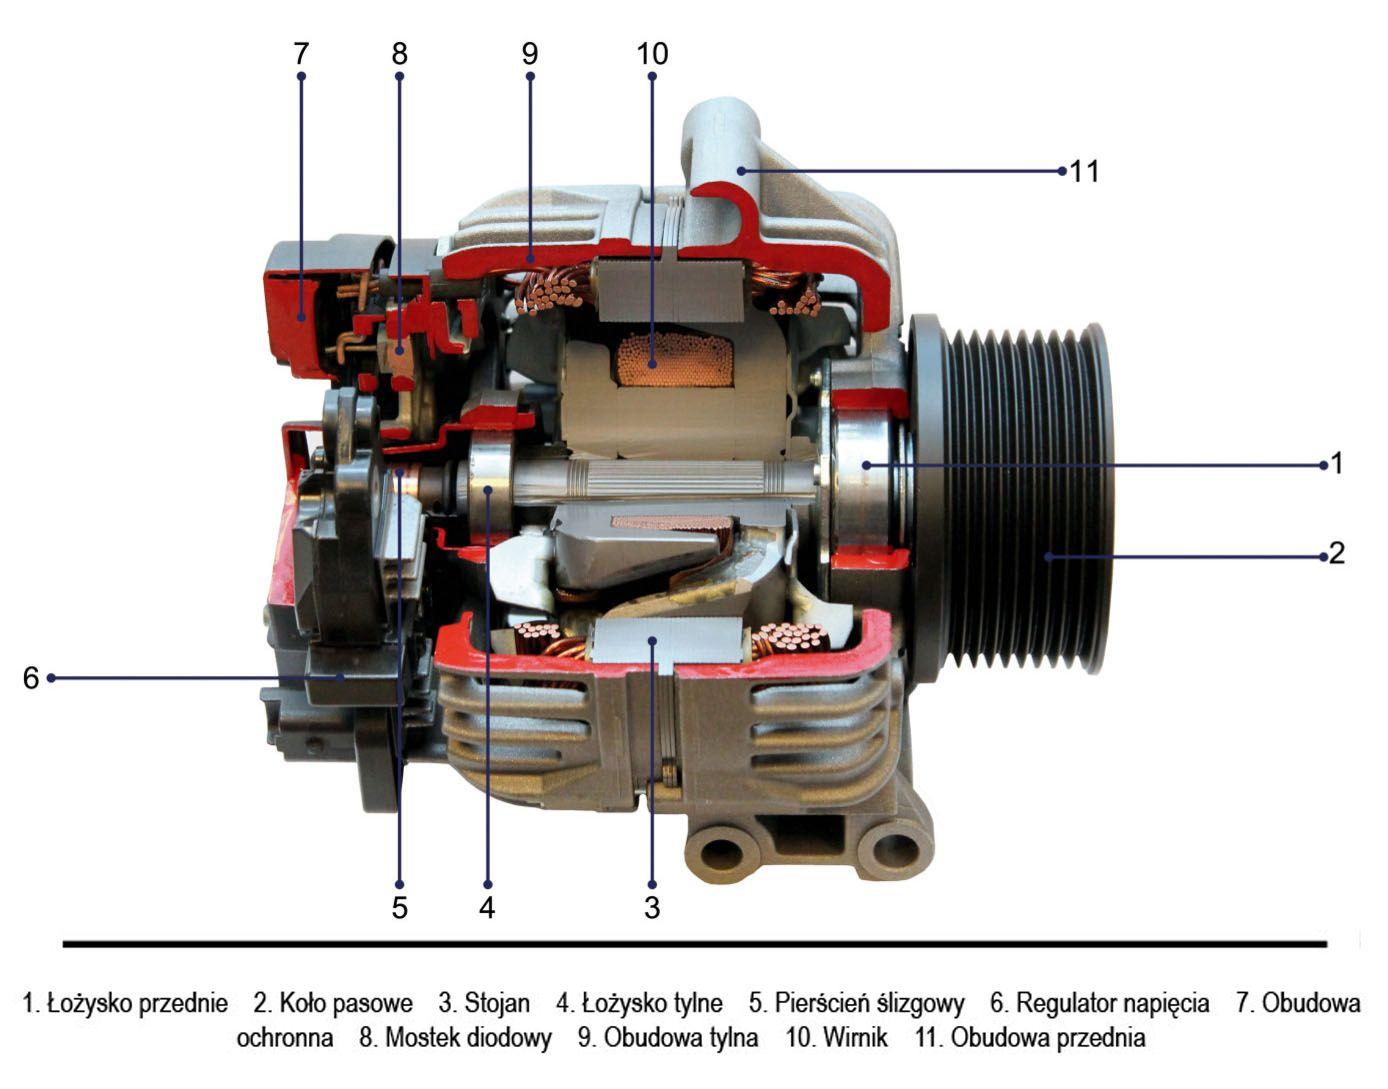 Zapraszamy Do Zapoznania Sie Z Grafika Przedstawiajaca Budowe Alternatora A Czym Jest Alternator Wykorzystywany W Pojazdach I Maszynach Z Power Drill Drill